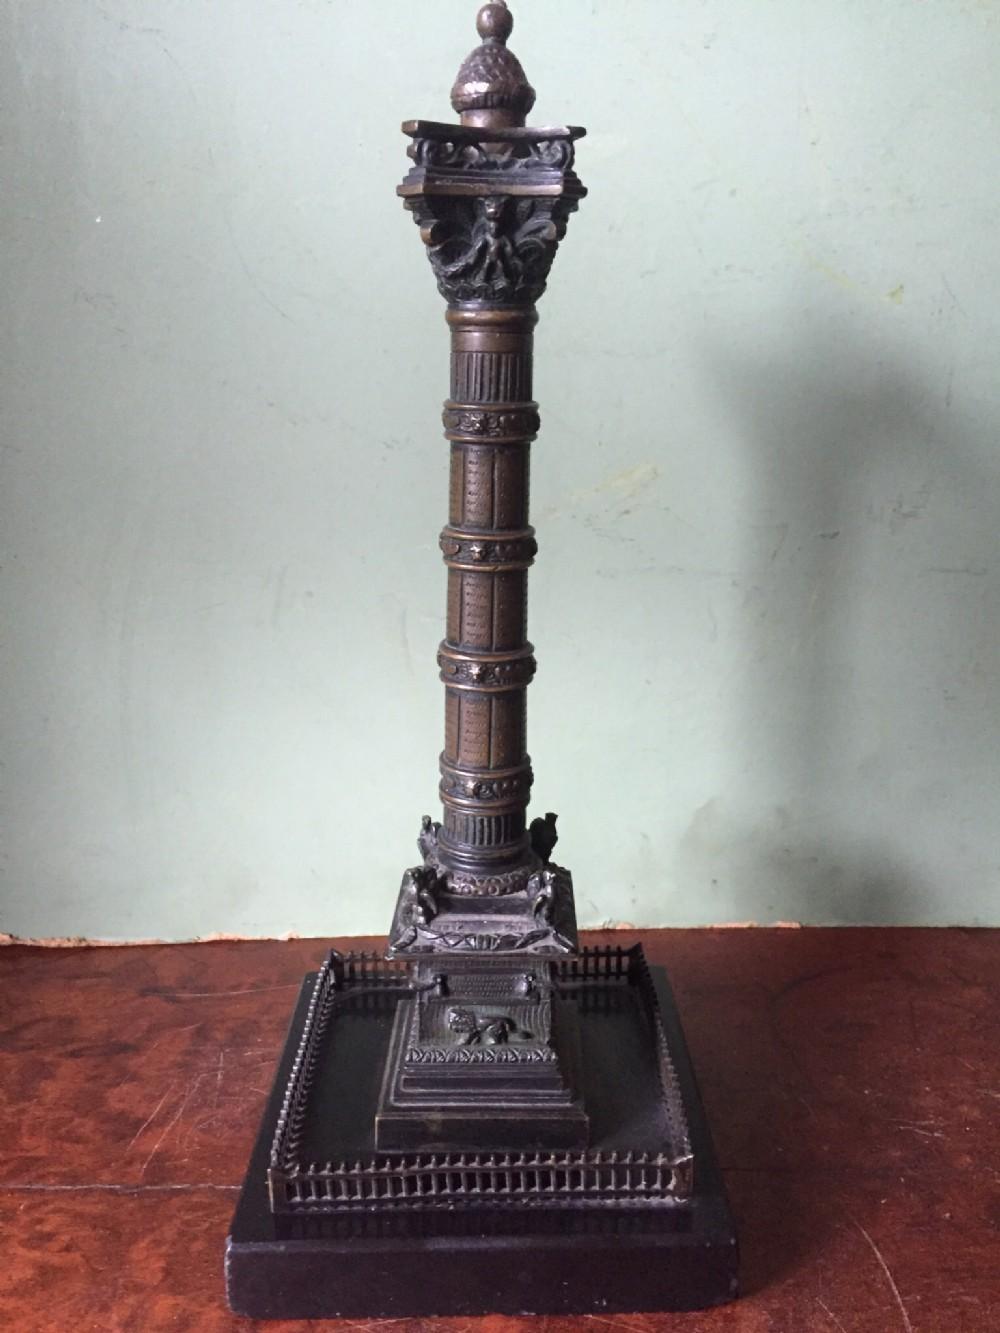 c19th french bronze 'grand tour' souvenir model of the colonne de juillet